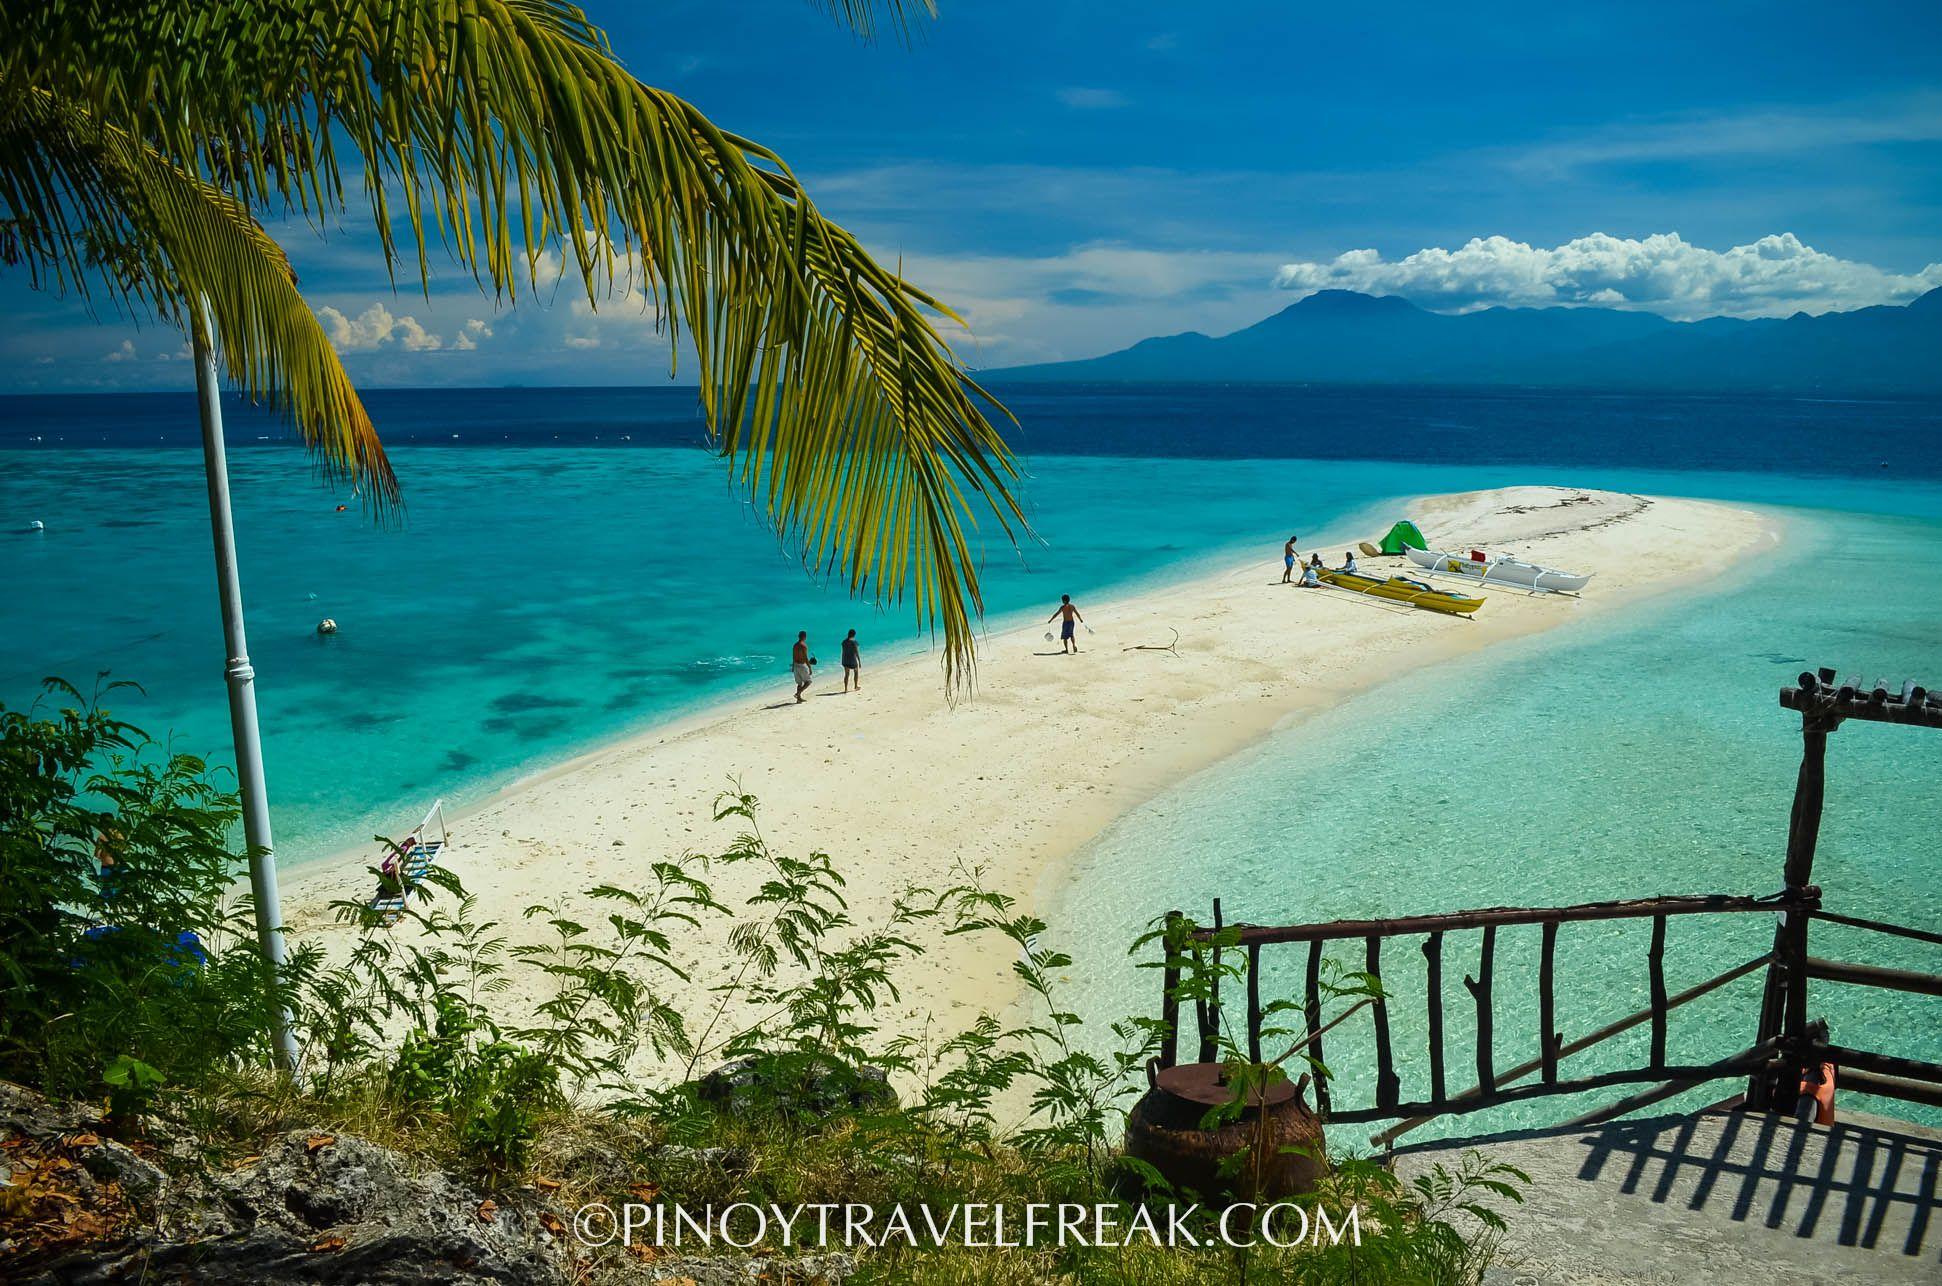 Kota Beach Resort Philippines